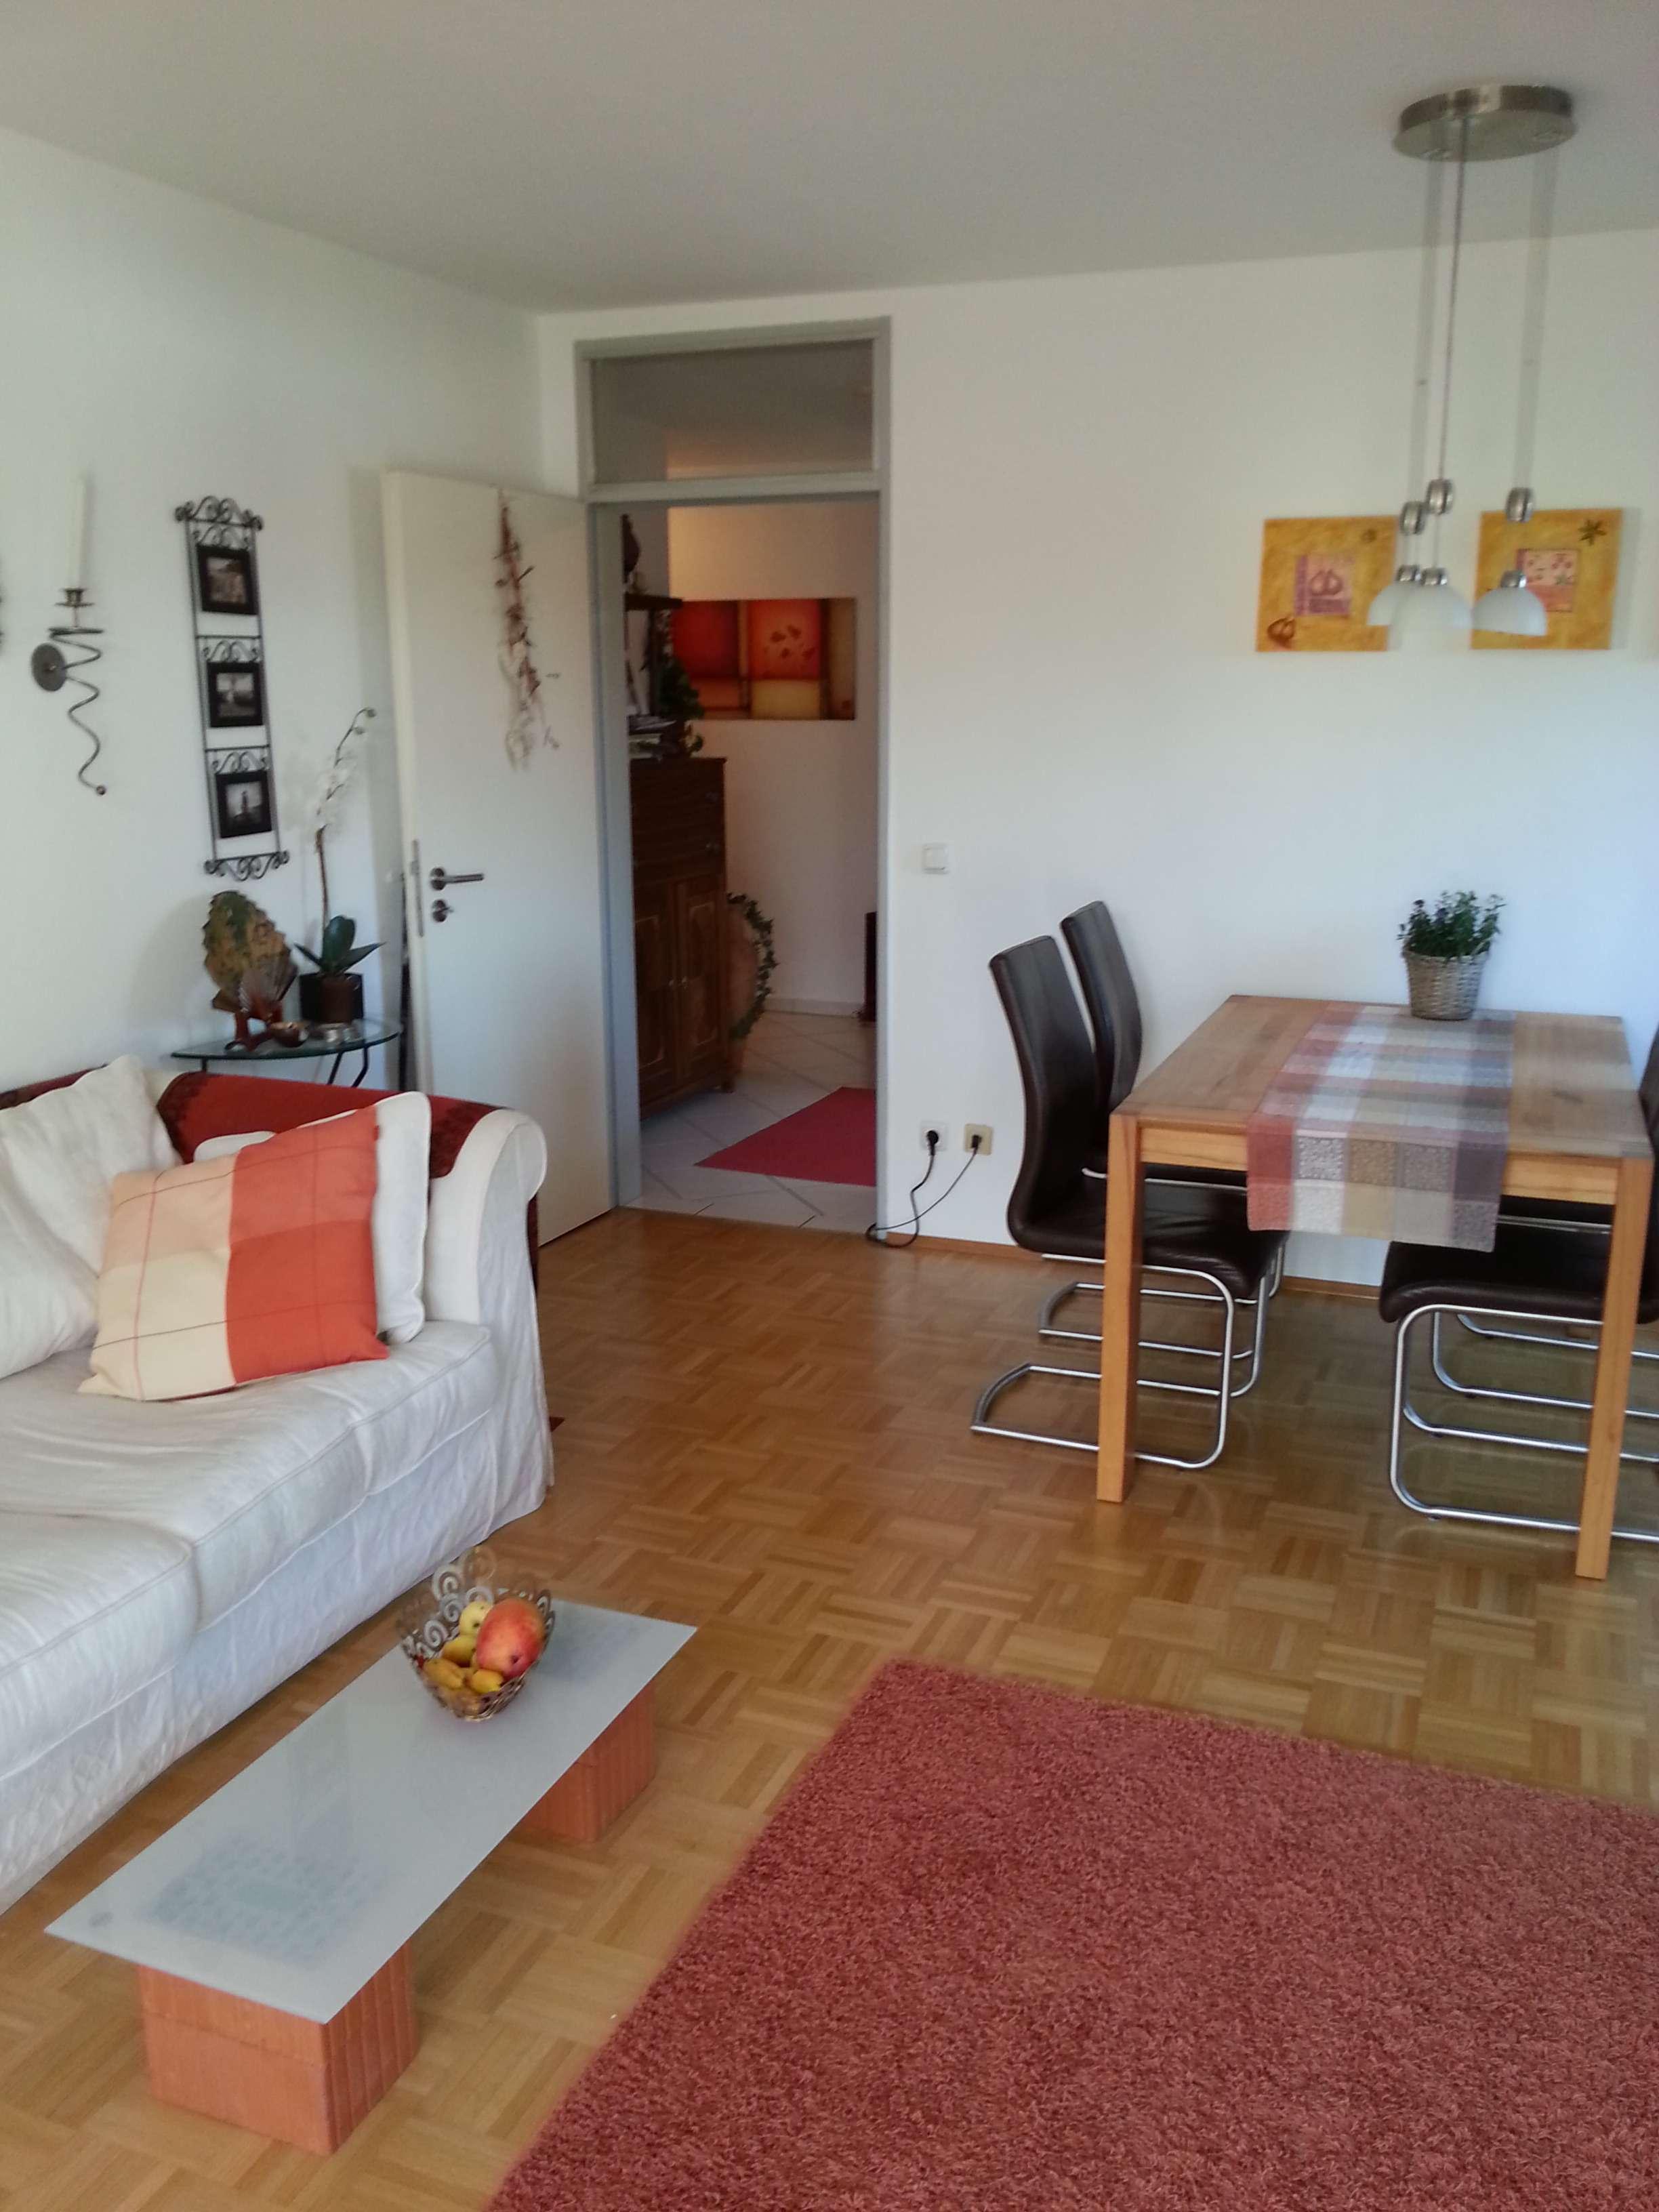 Gemütliche voll möbliertes 2-Zimmer-Apartment für Singles in Obermenzing (München)